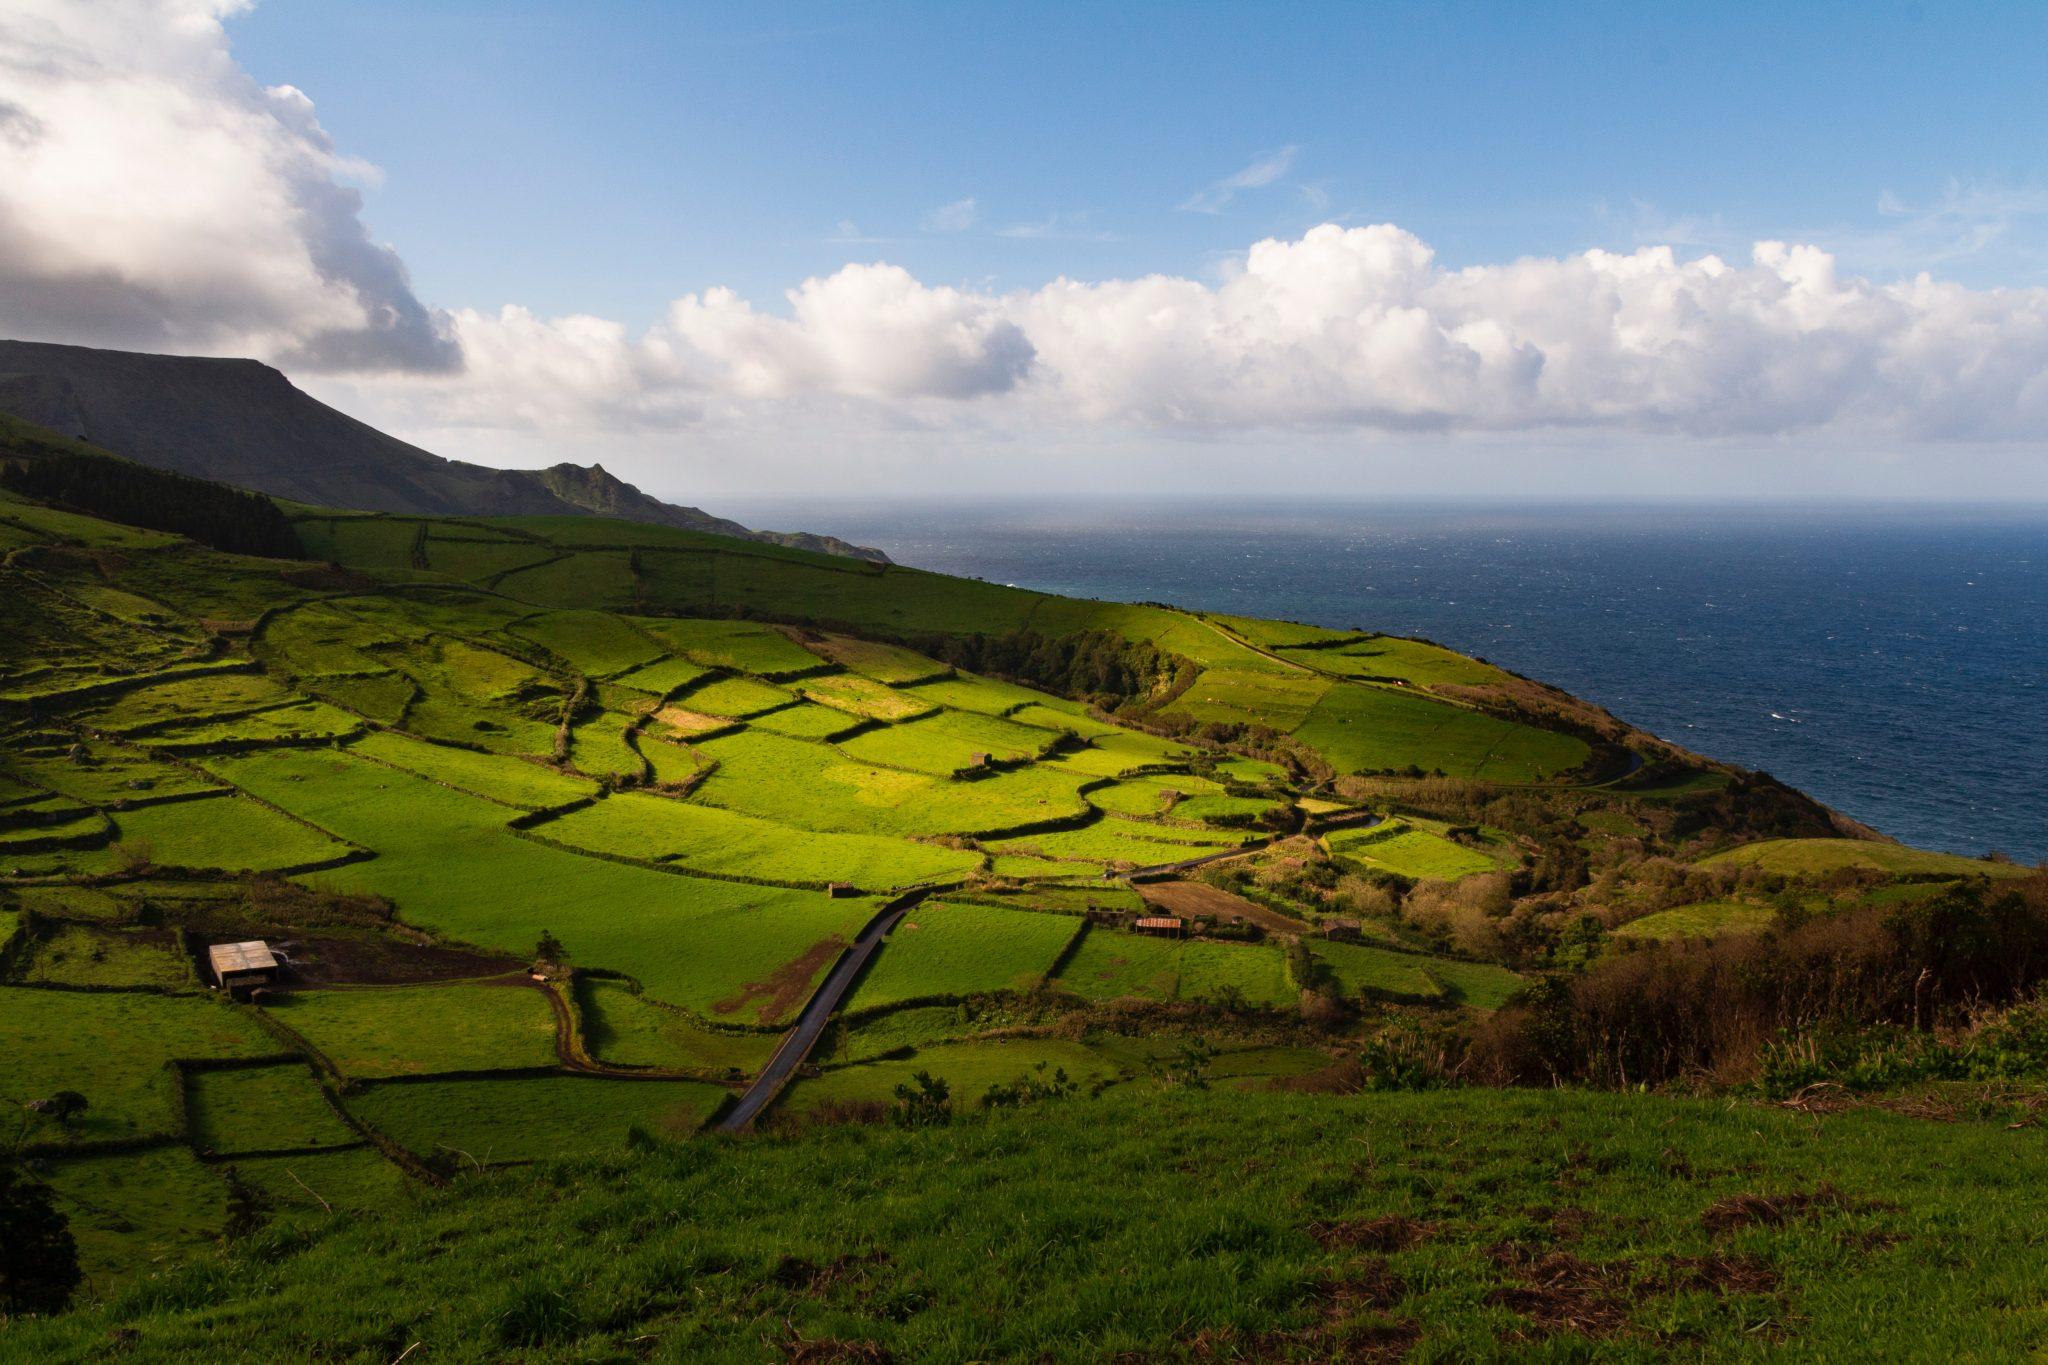 Pico Island, Azores, Portugal-unsplash